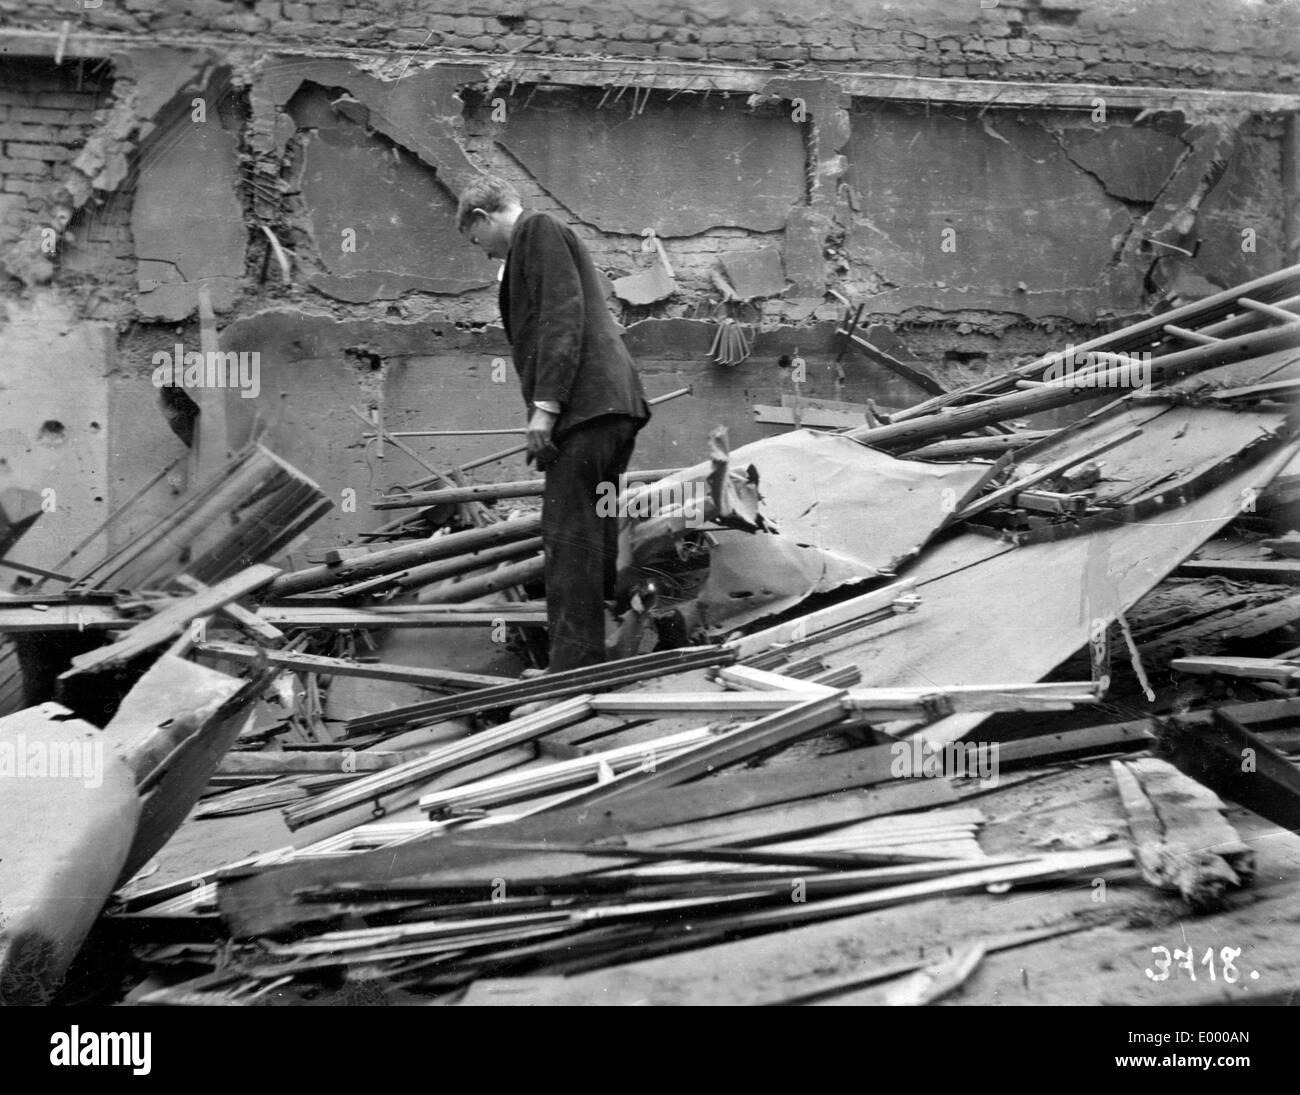 Demolished plumbers workshop, 1918 - Stock Image